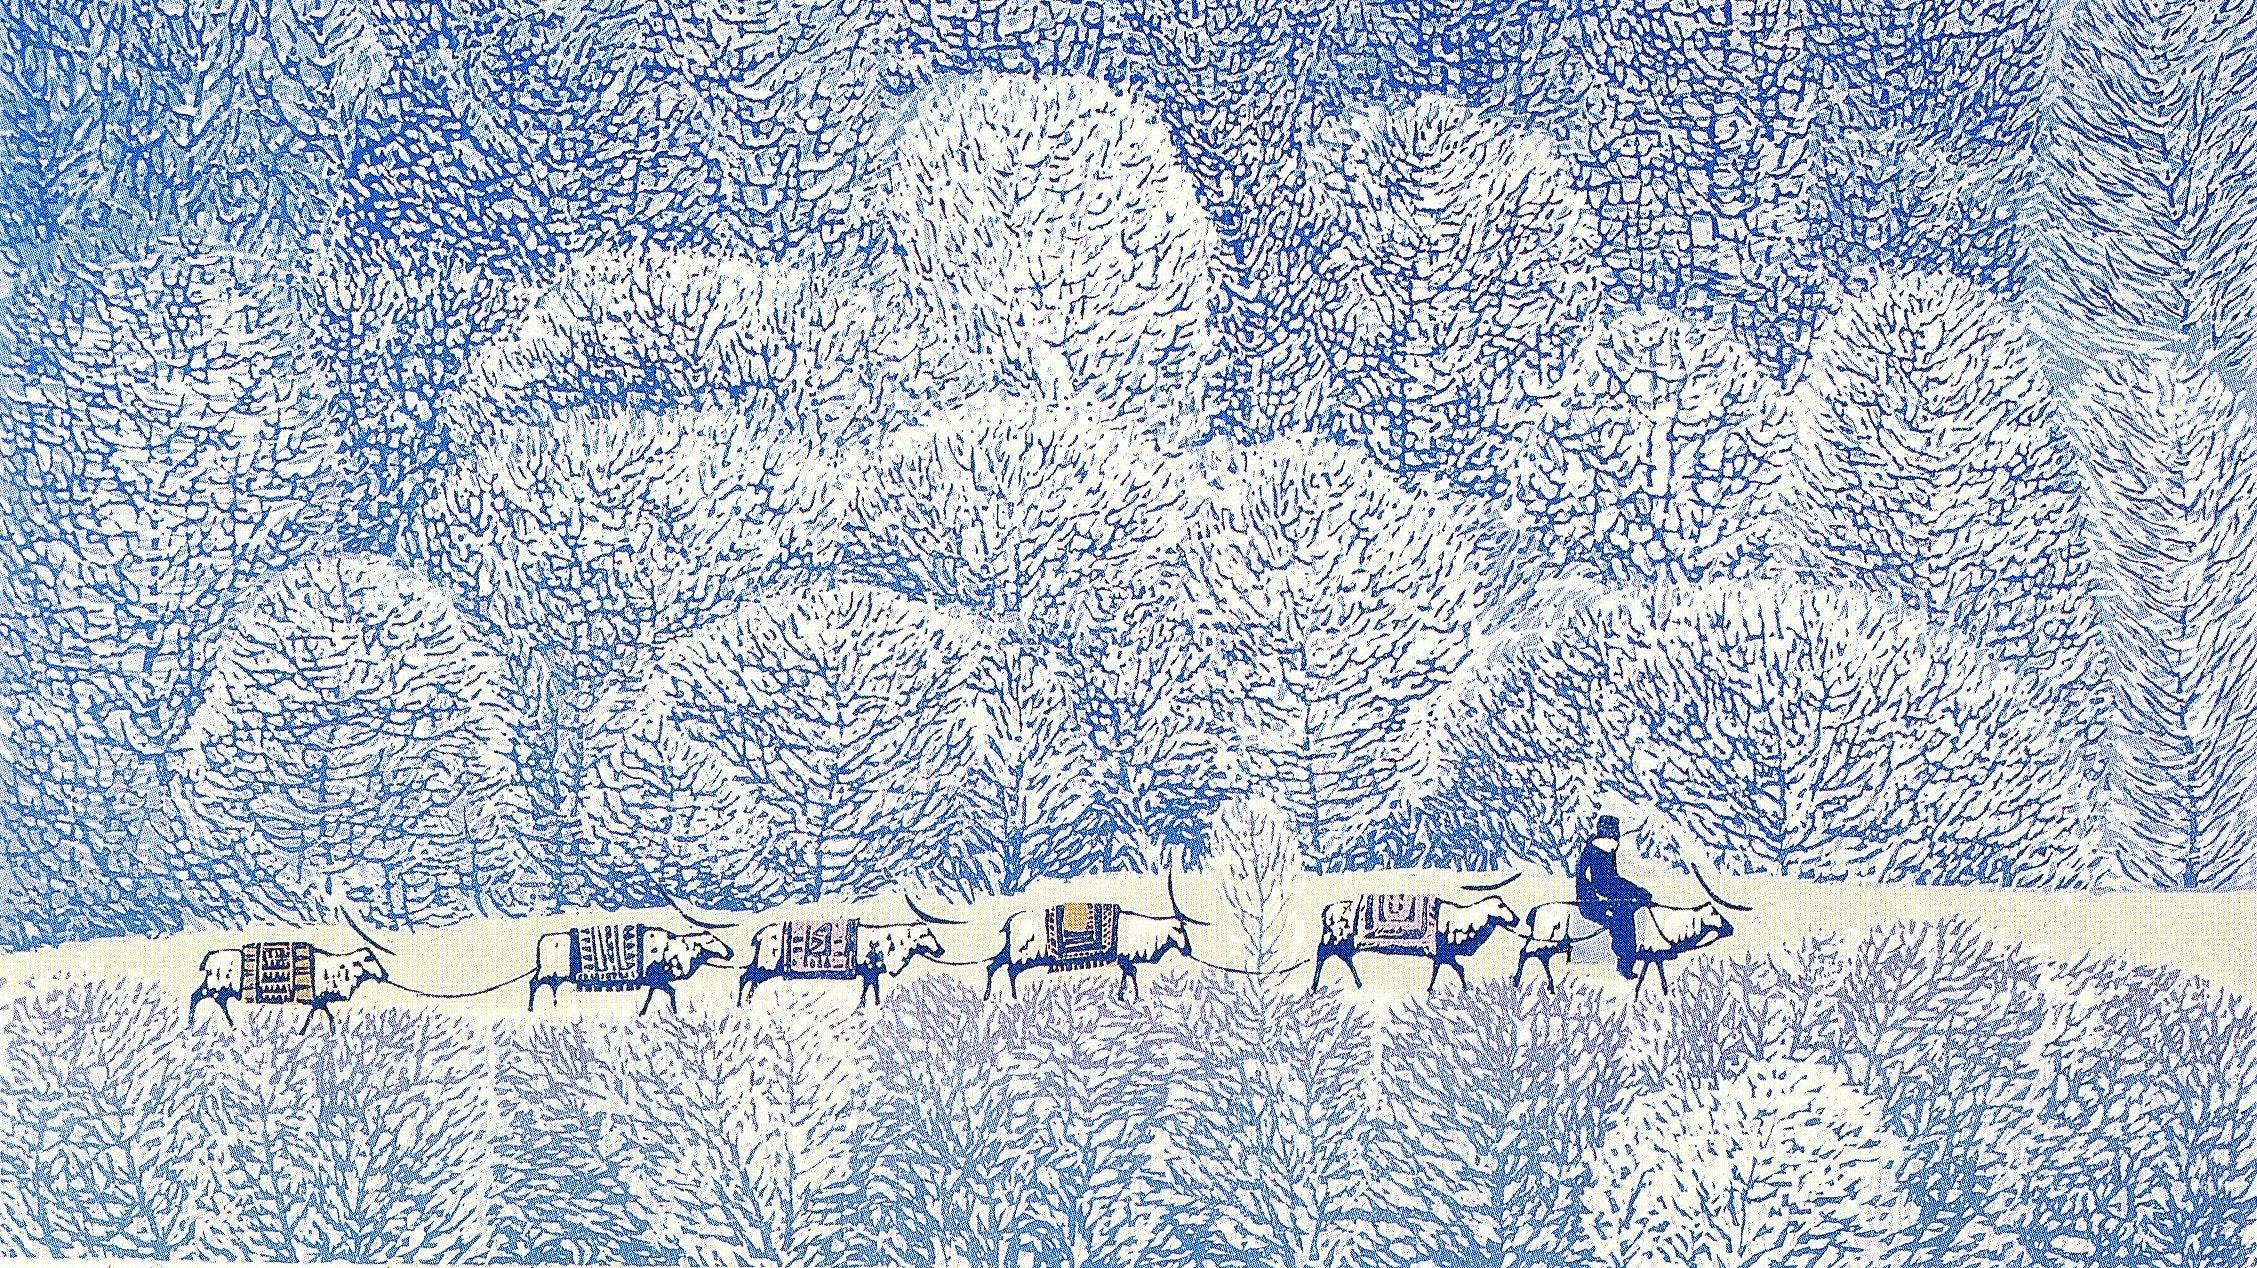 2004.213 Zhou Shenghua The Winter Journey